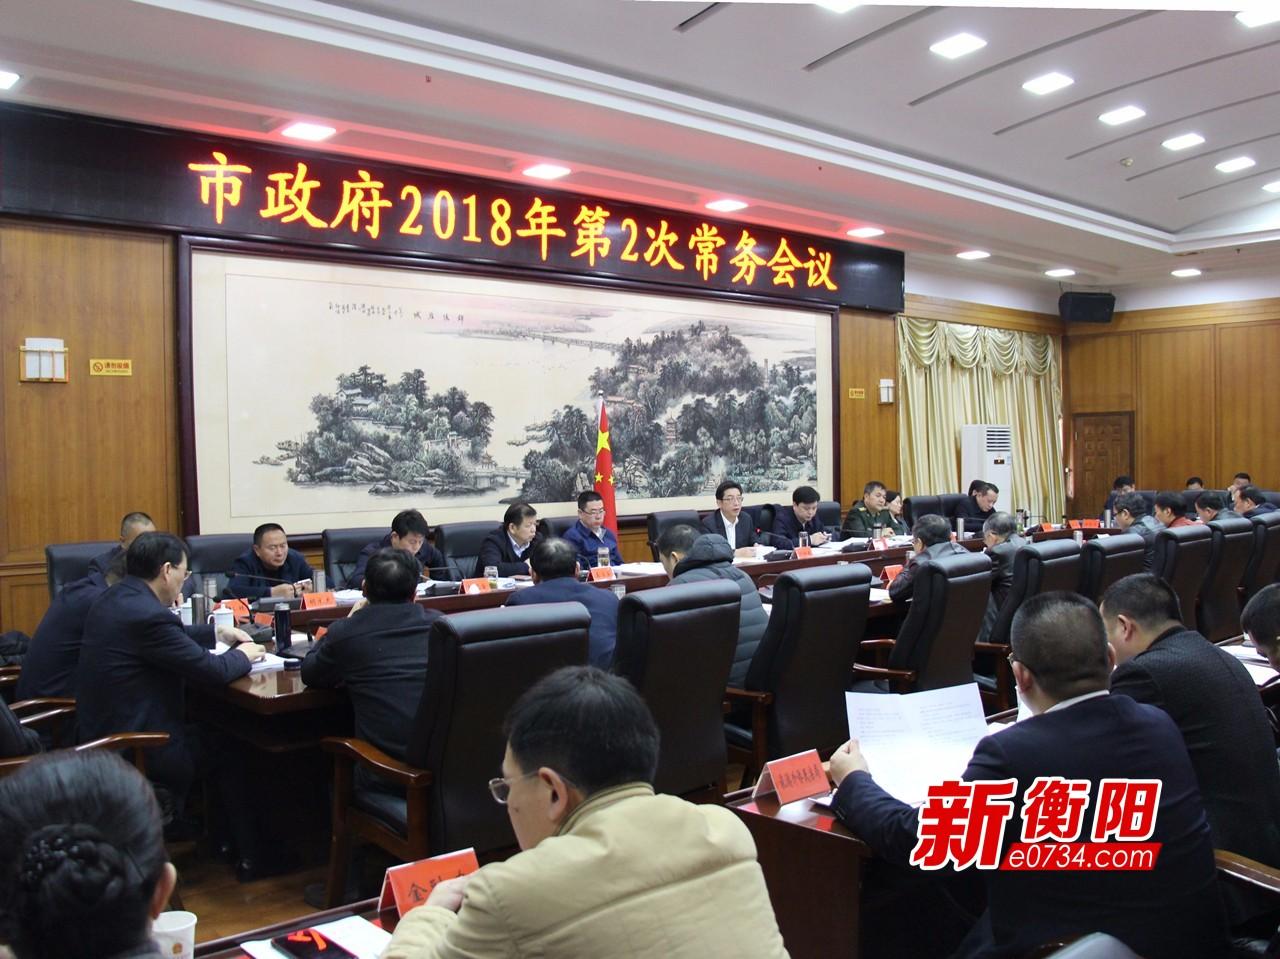 邓群策主持召开市政府2018年第2次常务会议